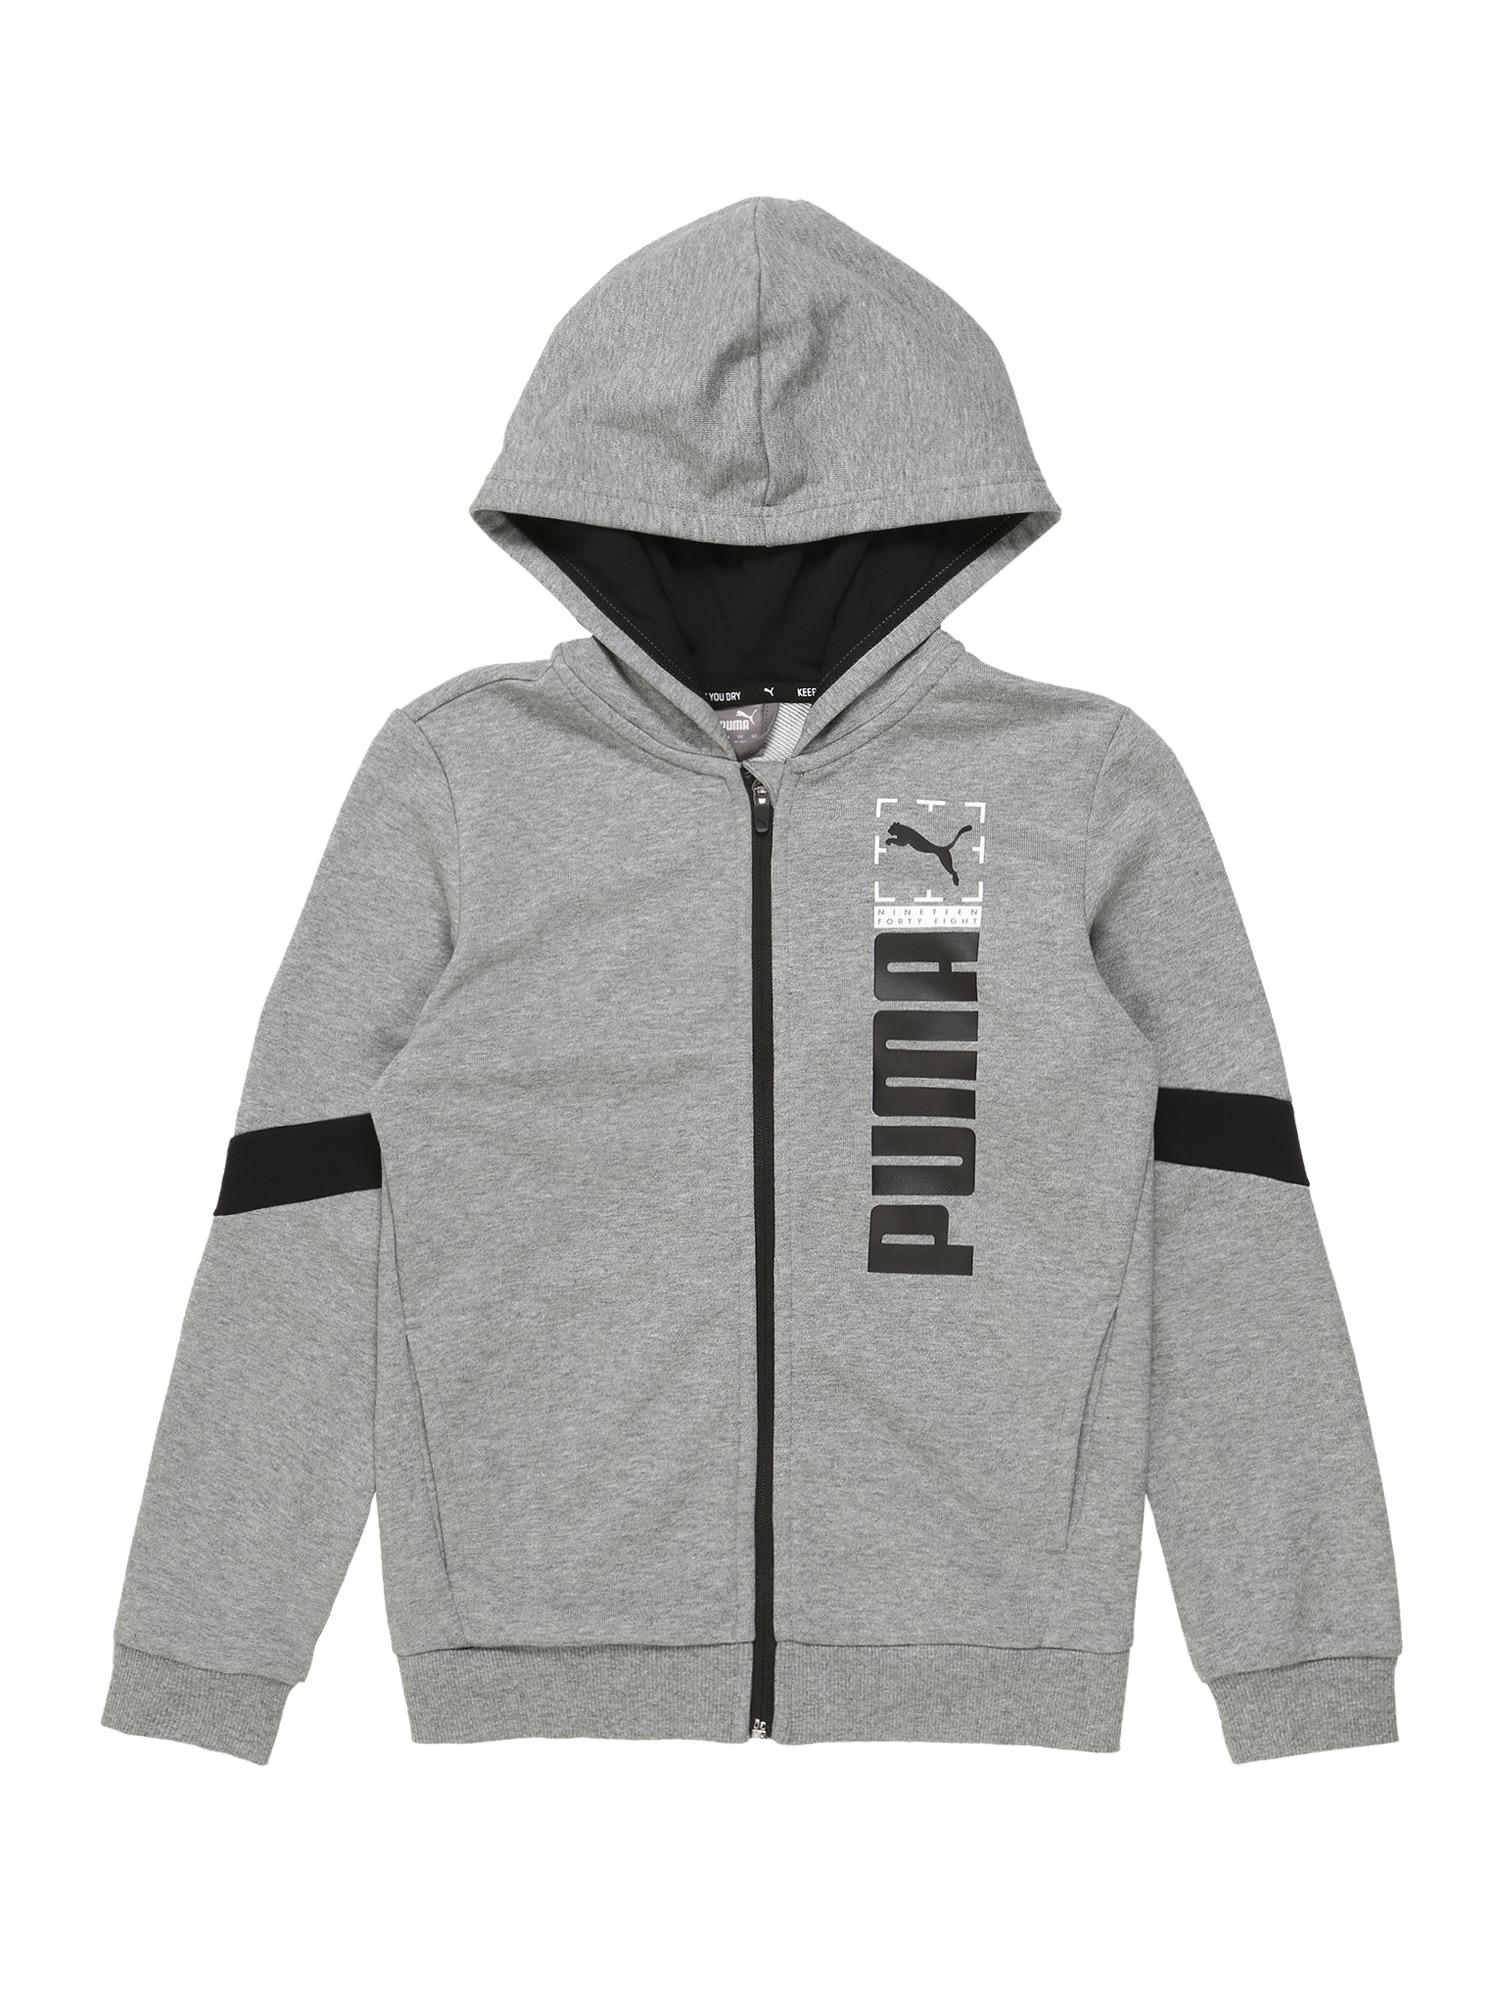 PUMA Sportinis džemperis pilka / juoda